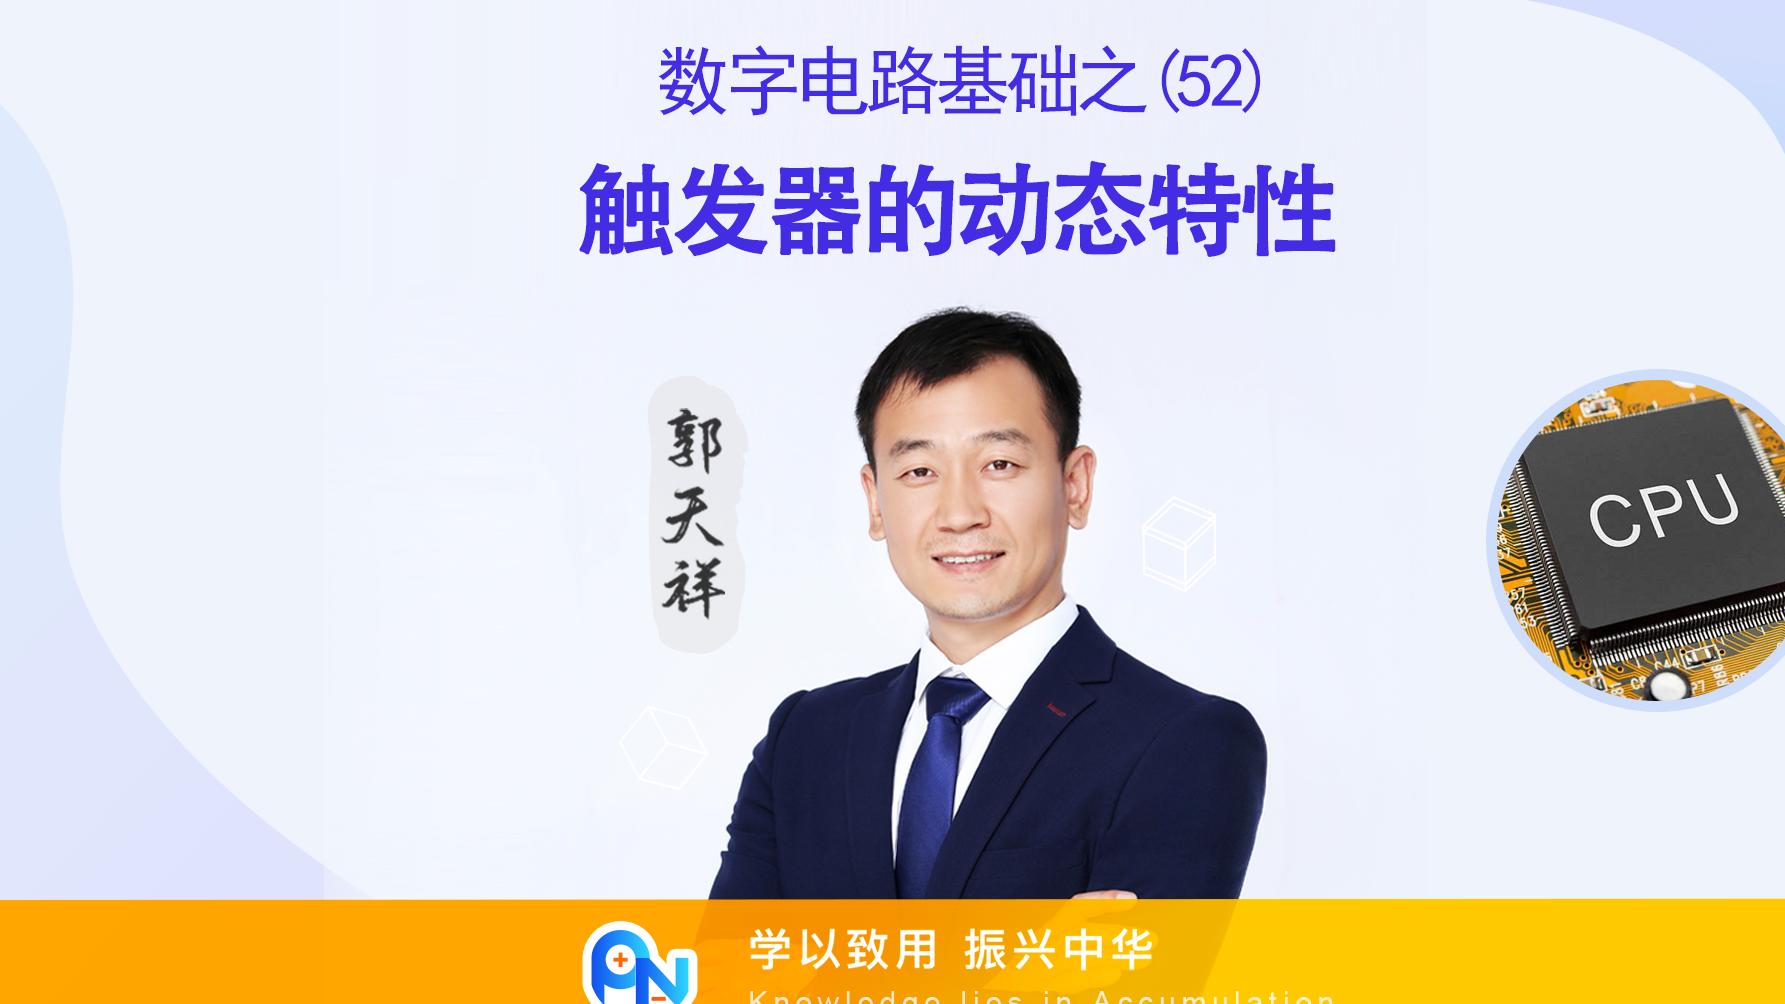 郭天祥—数字电路基础(52)触发器的动态特性